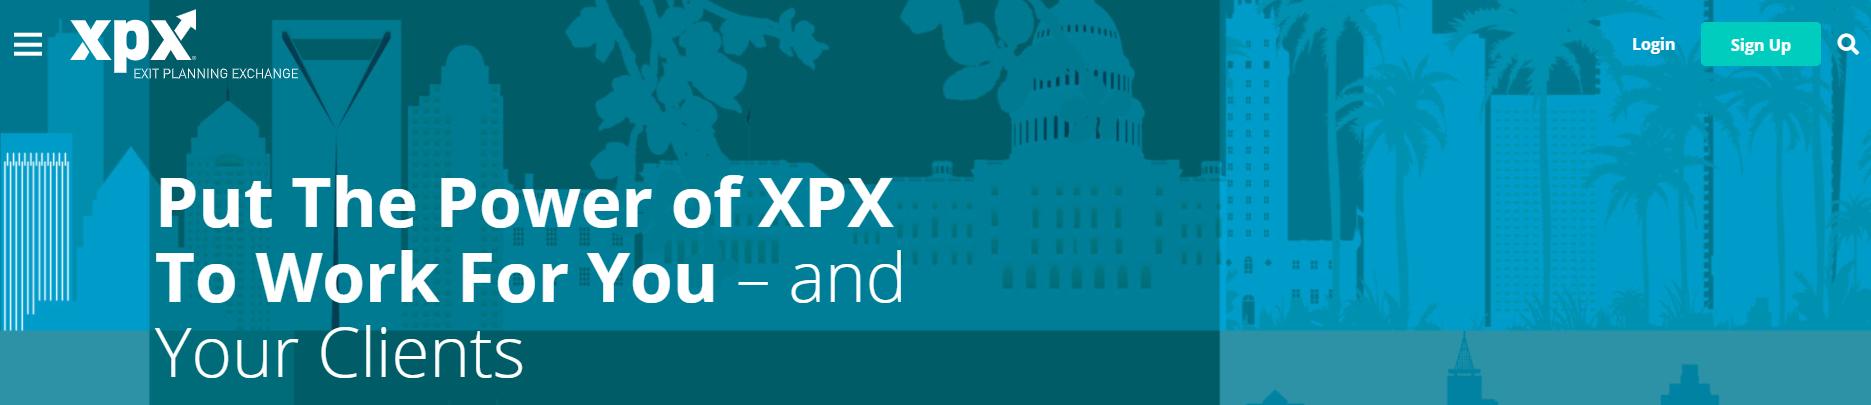 new website exit planning exchange